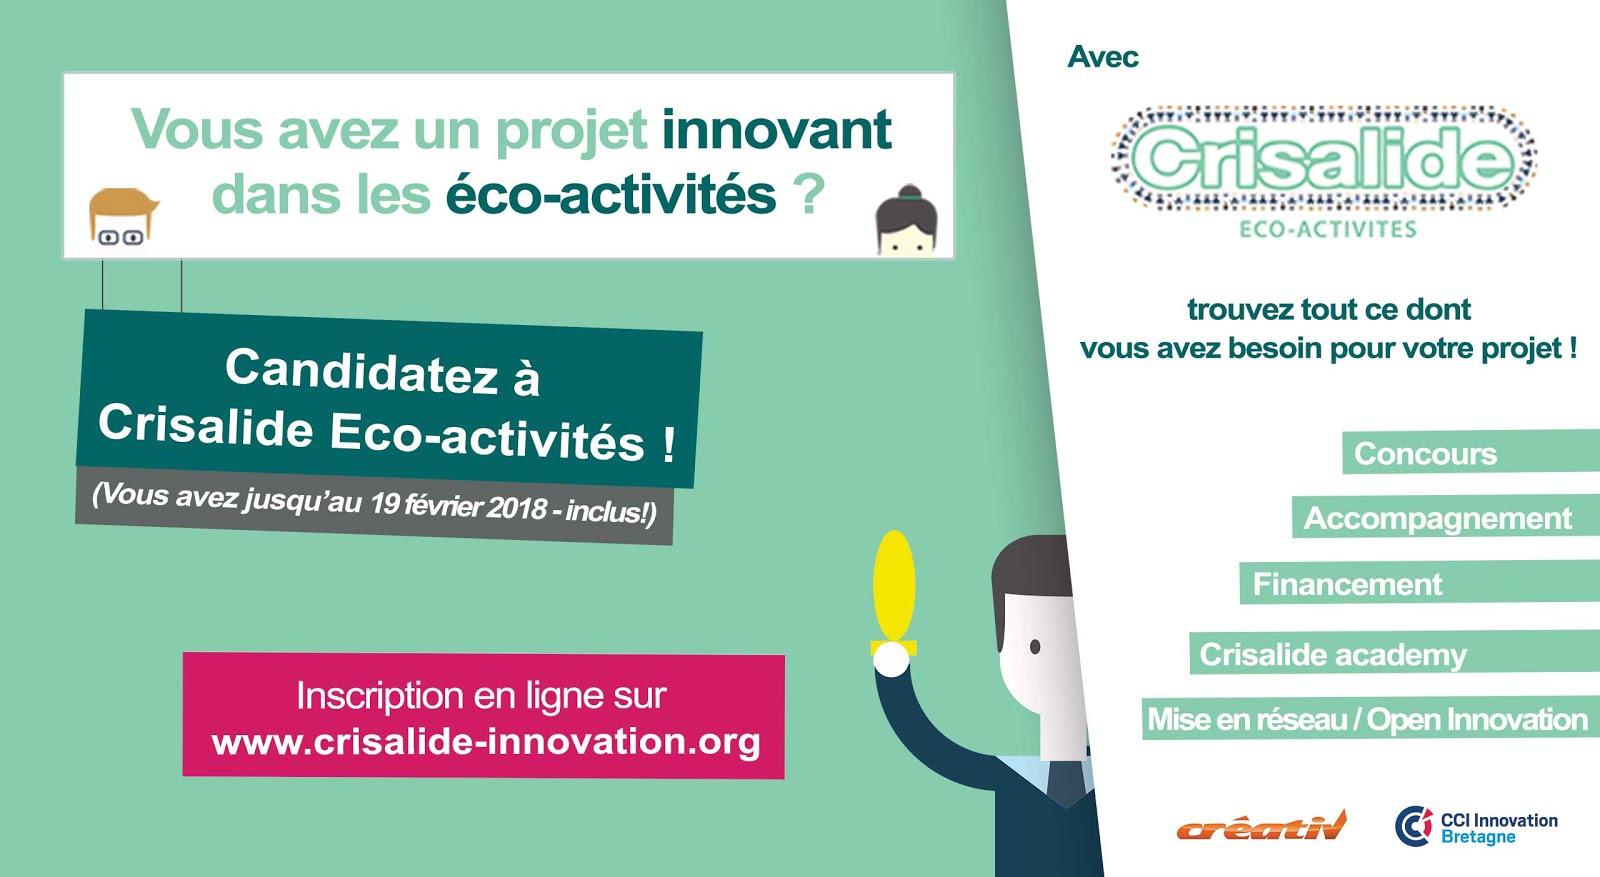 Candidatez à Crisalide Eco-activités !